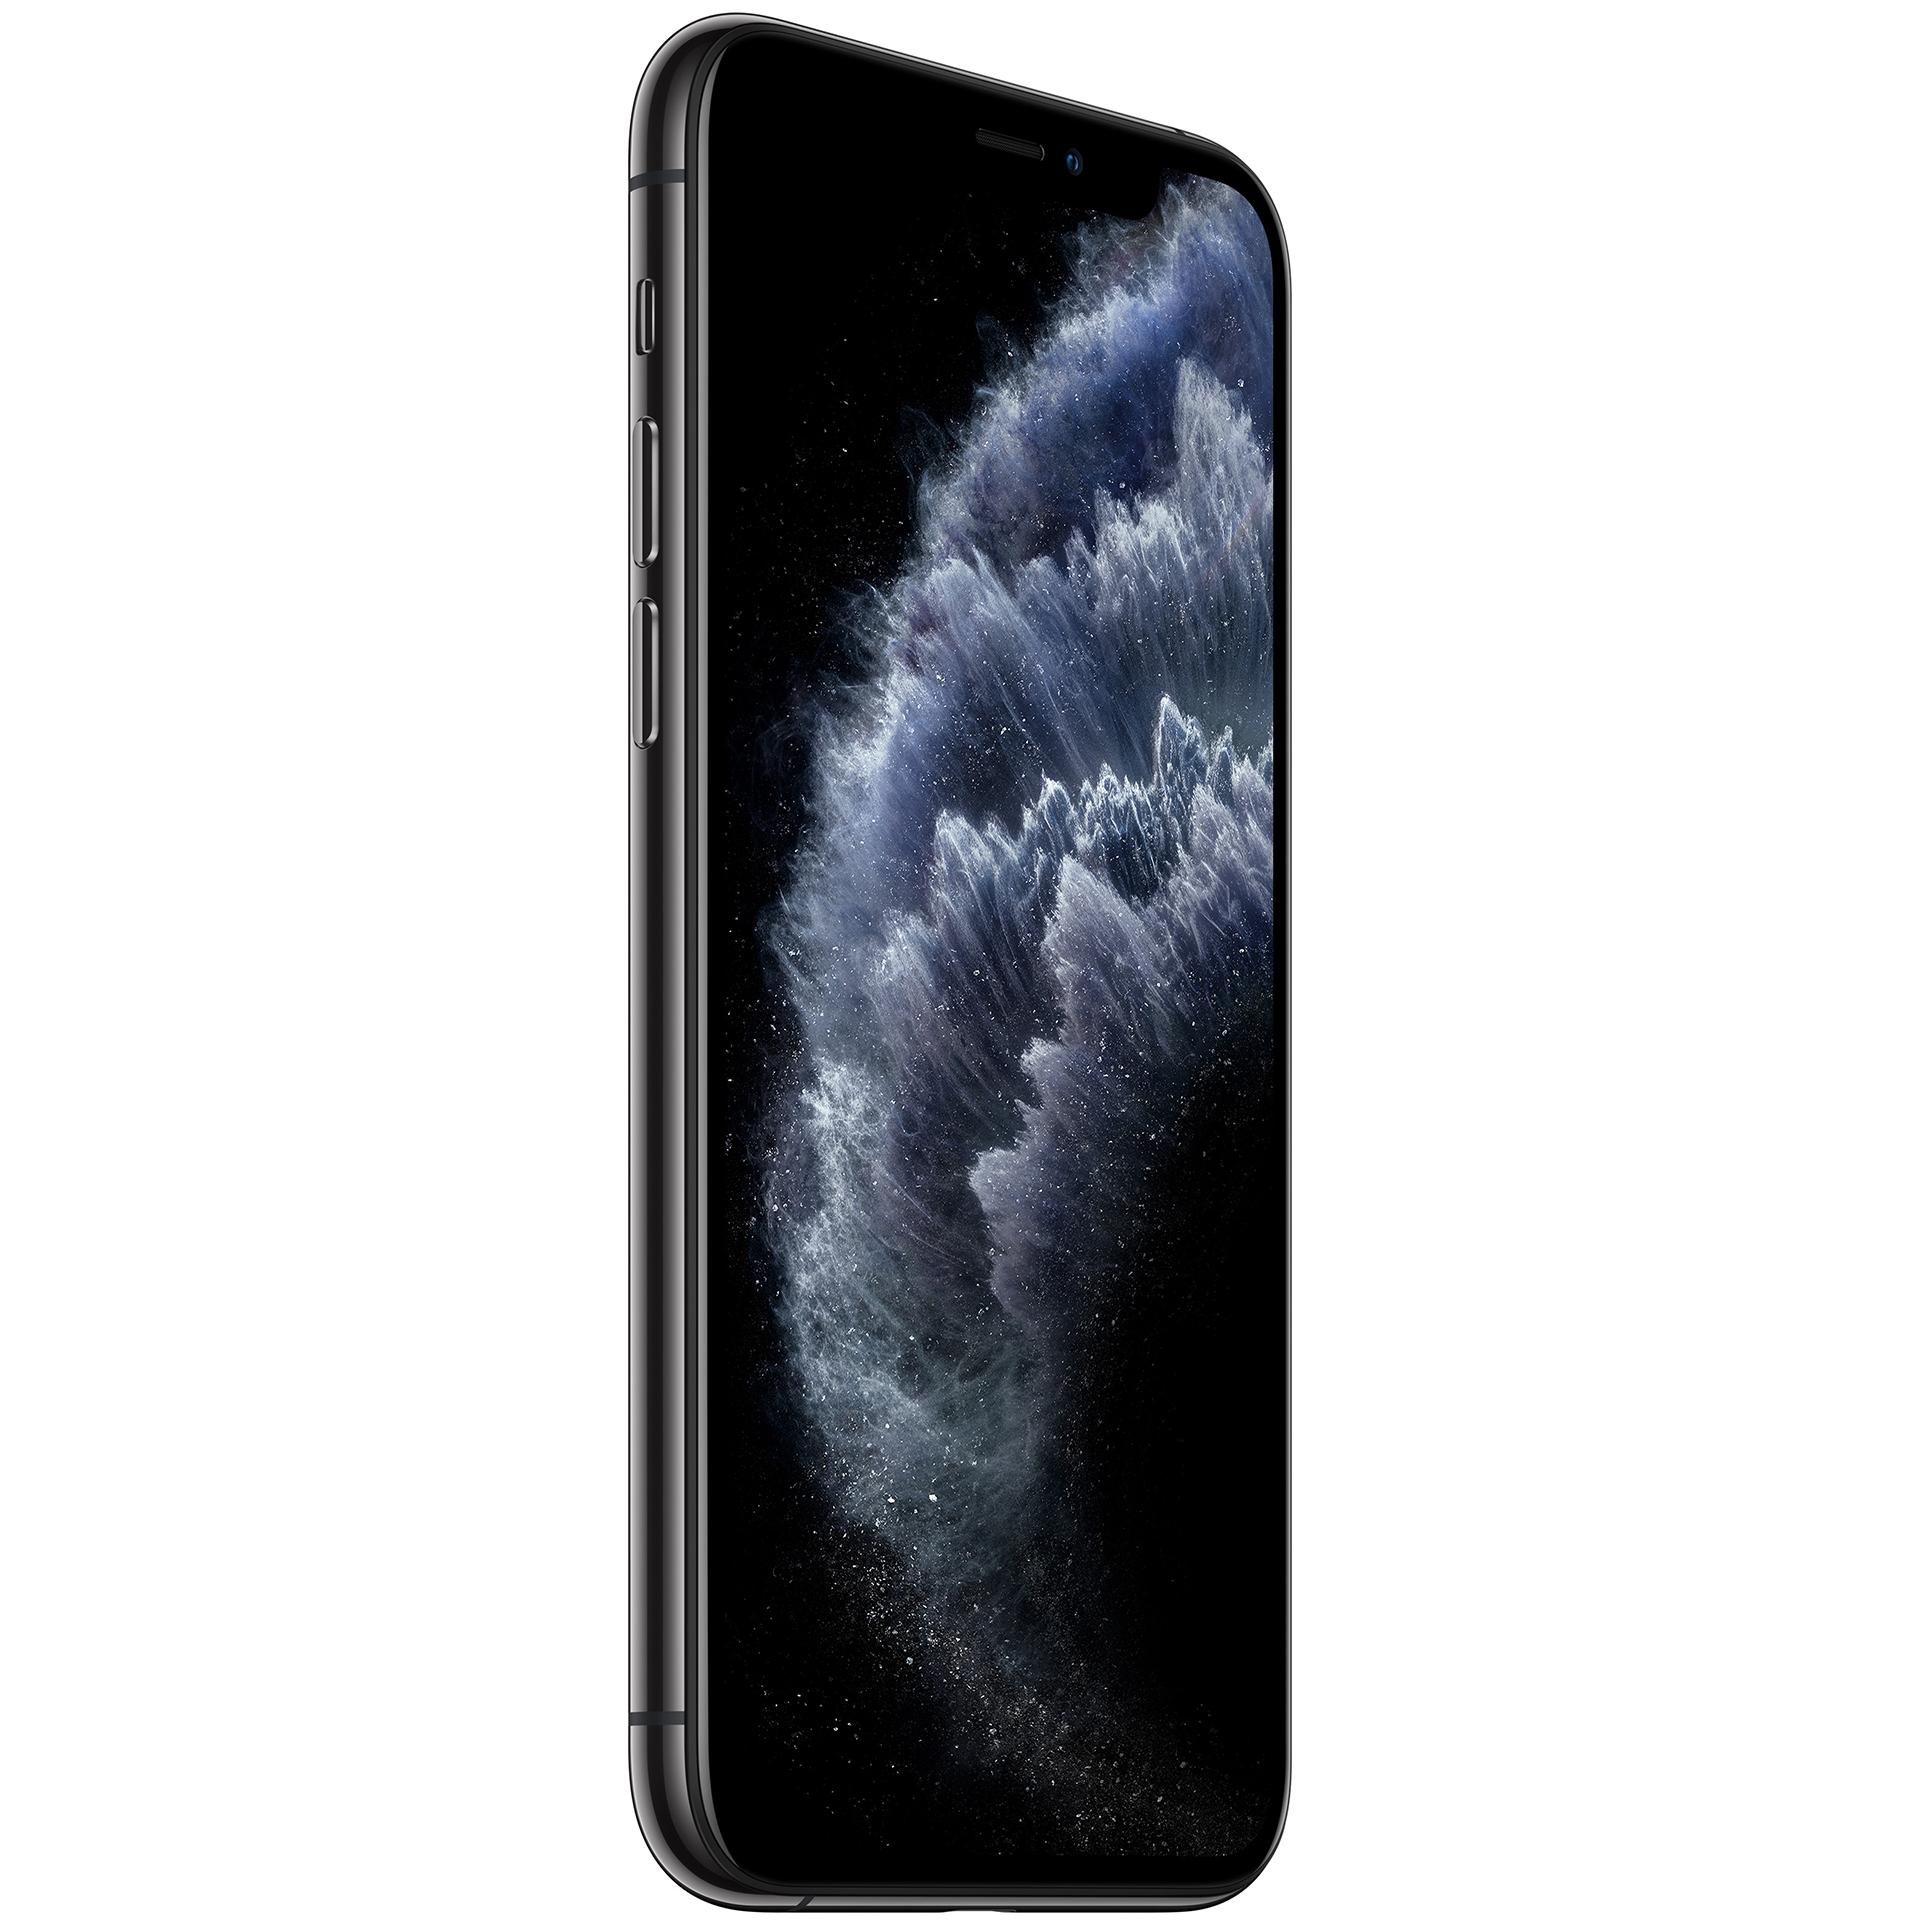 mobiiltelefon Apple iPhone 11 Pro 512 GB